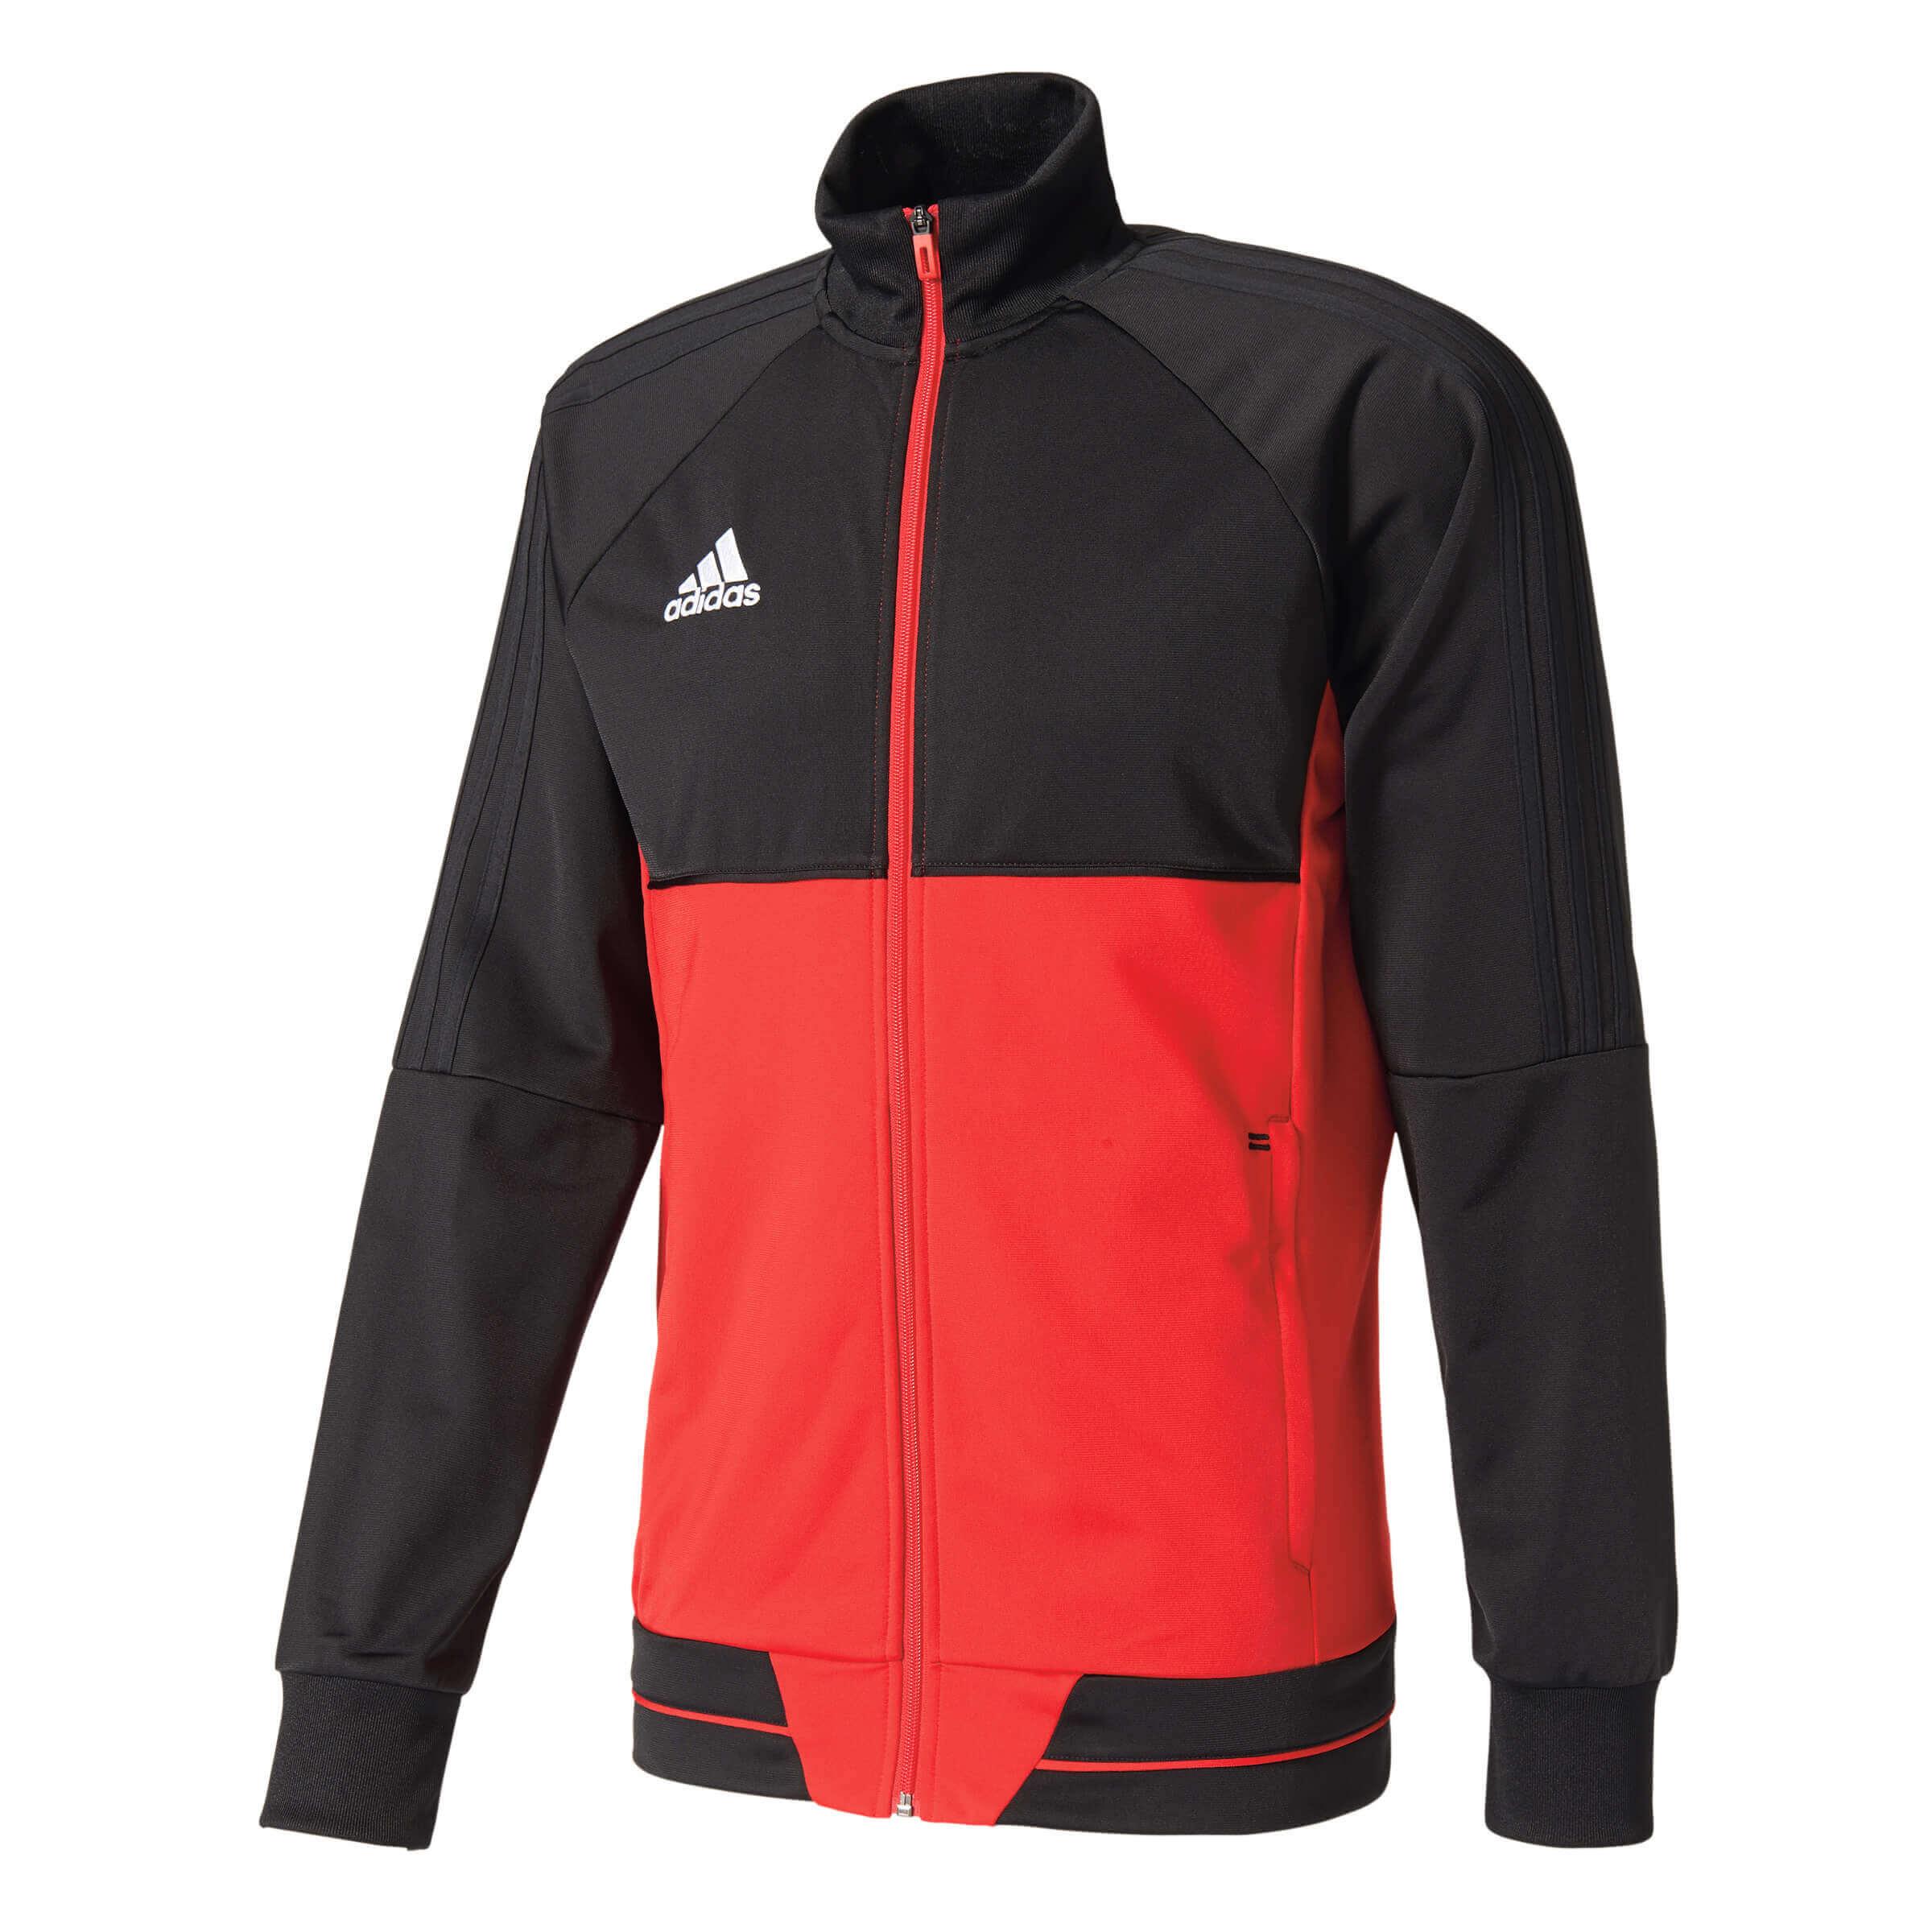 Adidas Teamwear Sereno 14 technical trainingsanzug schwarzgrau